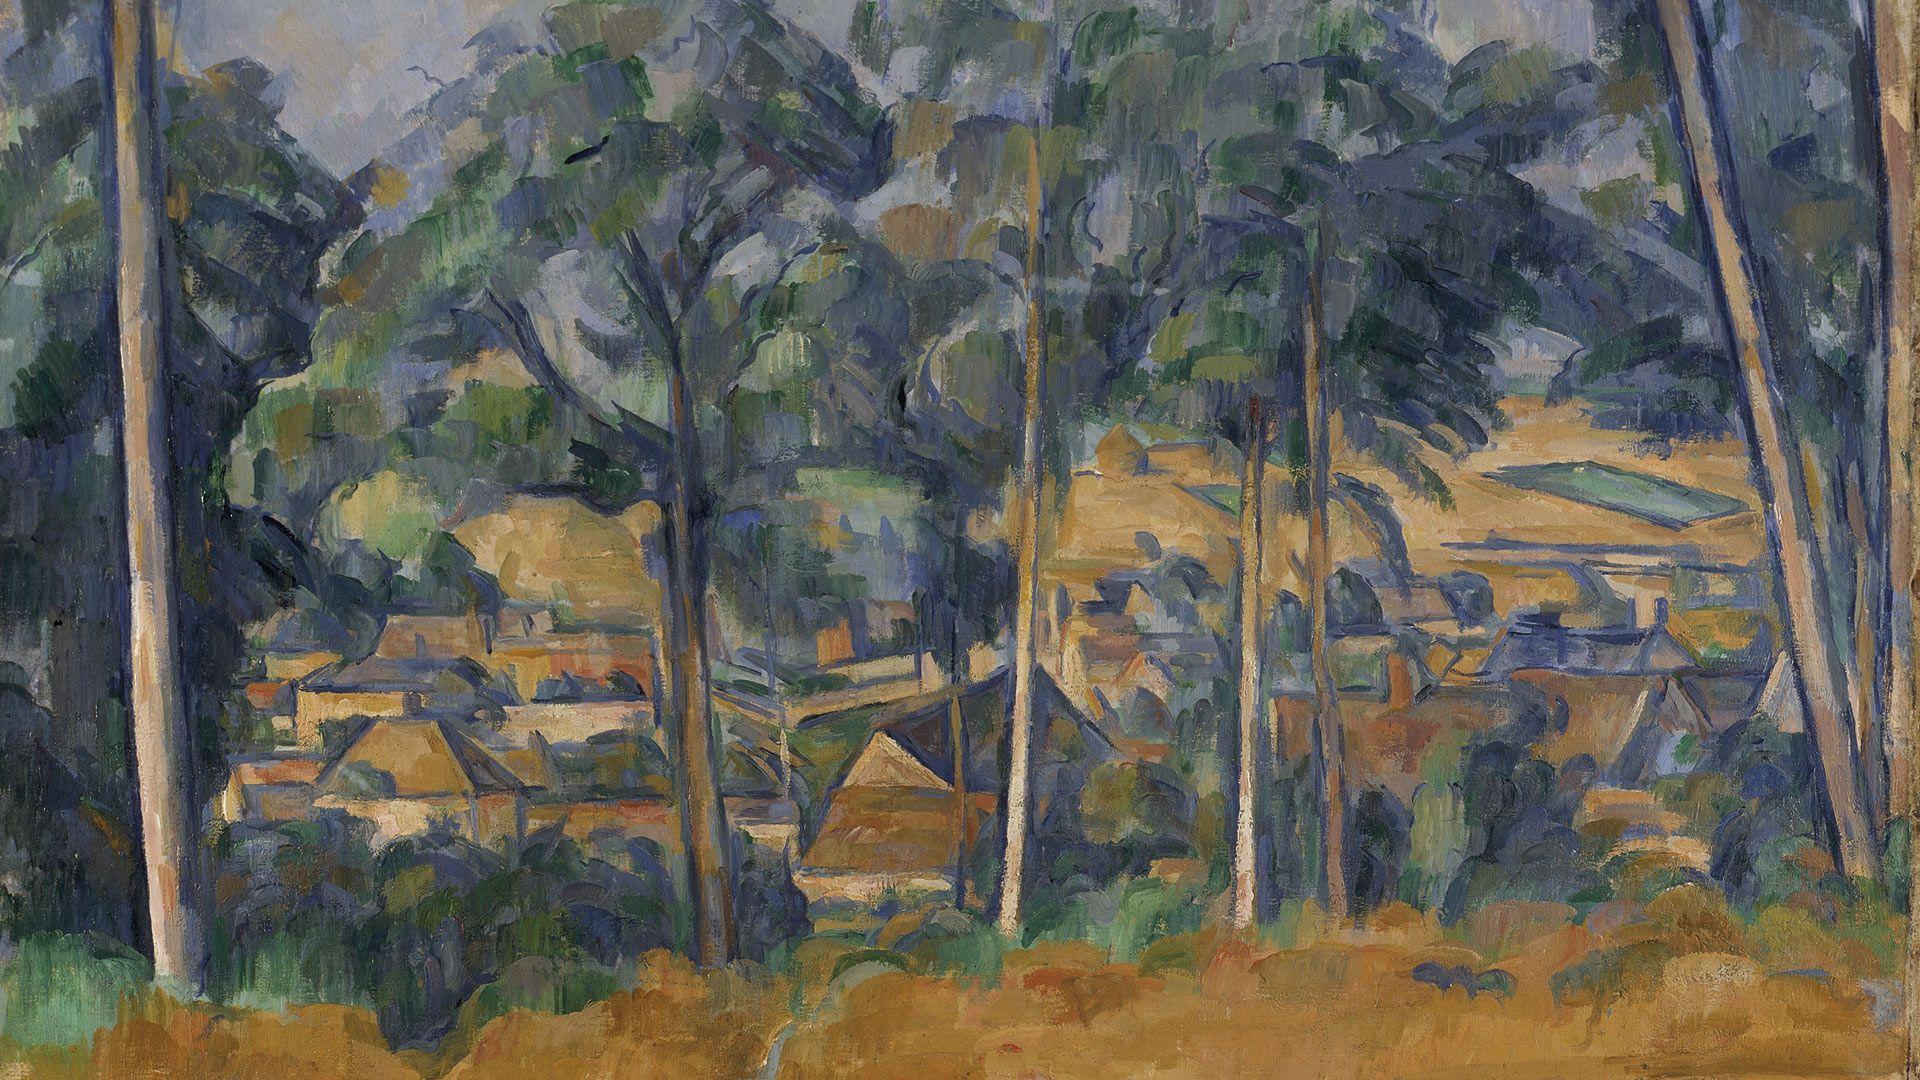 Cezanne 373 1918 1 LL e1575550043314